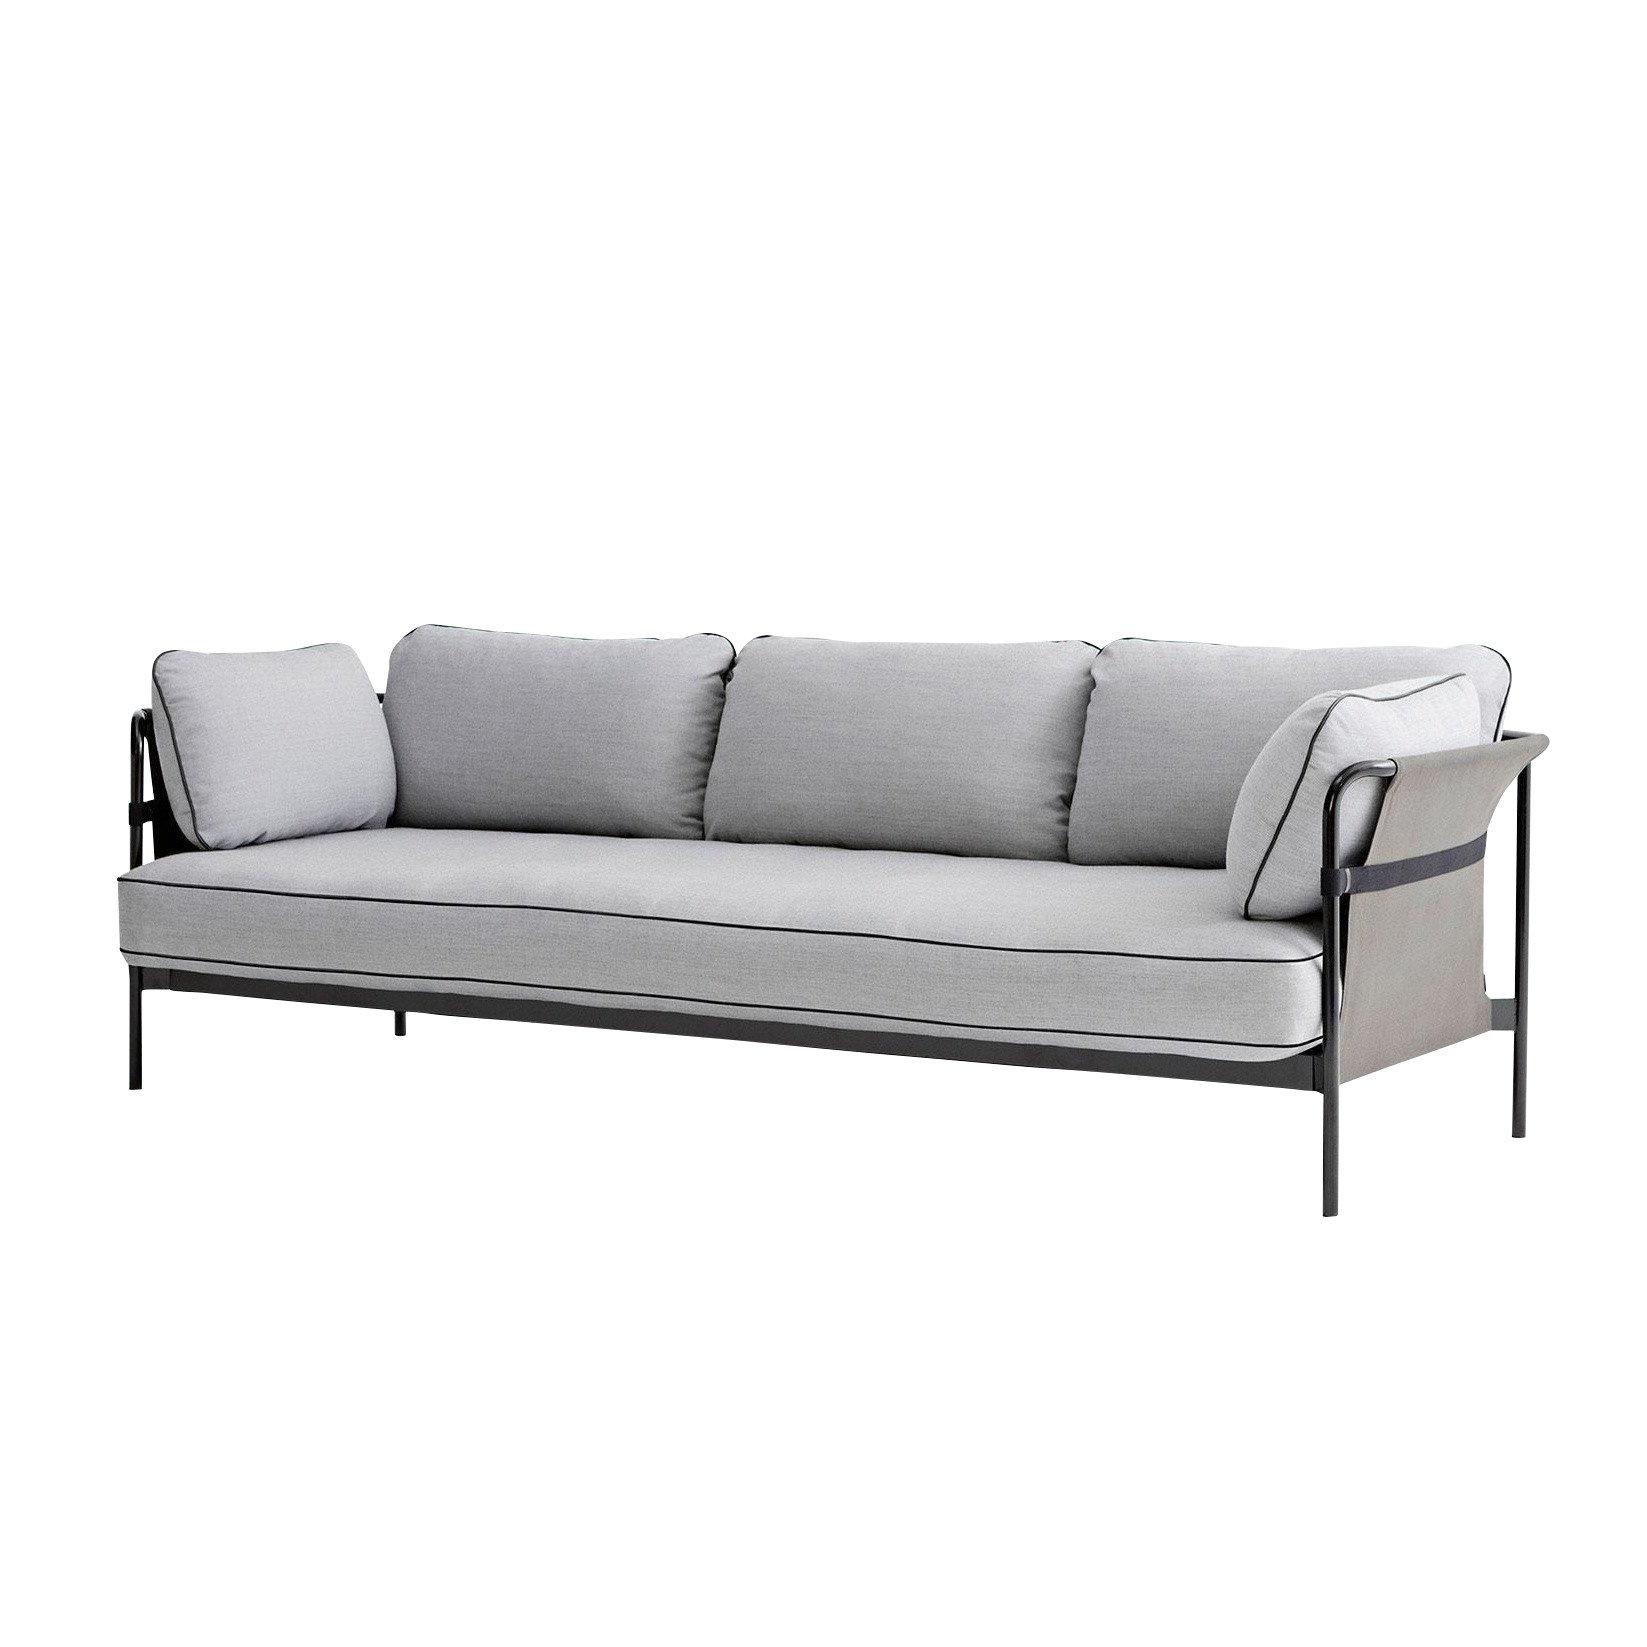 sofa auf rechnung als neukunde amazing splitback sessel wohnzimmer innovation with sofa auf. Black Bedroom Furniture Sets. Home Design Ideas